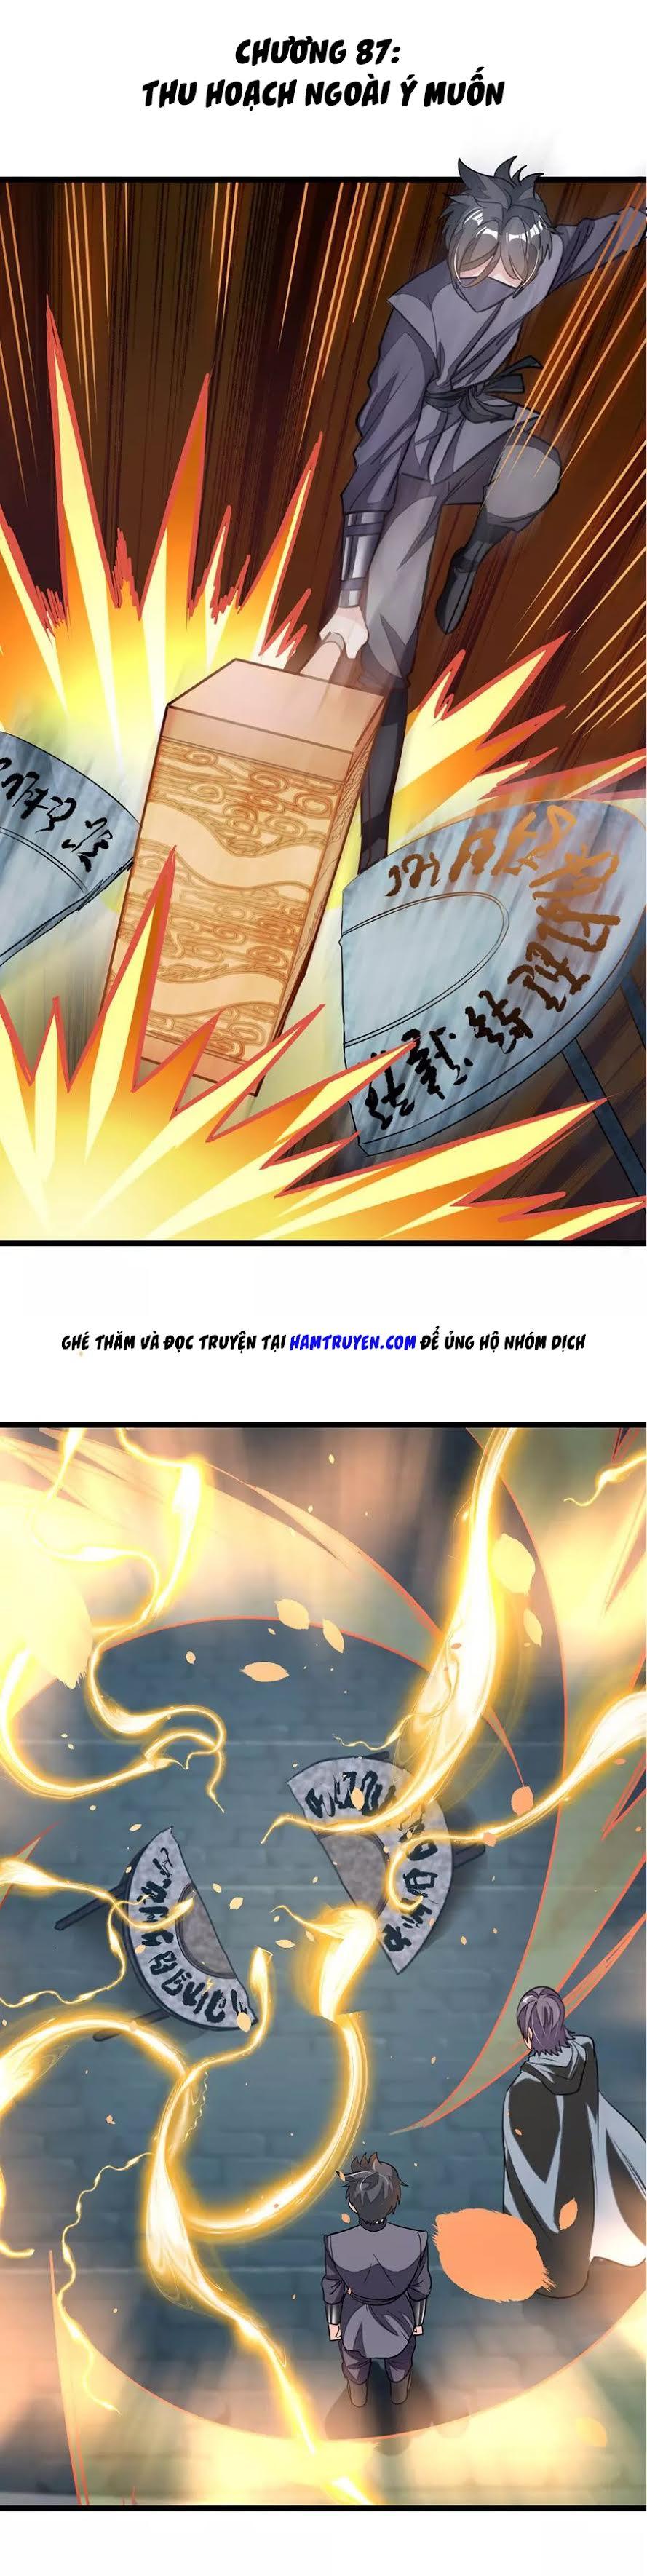 Cửu Dương Thần Vương chap 87 - Trang 2